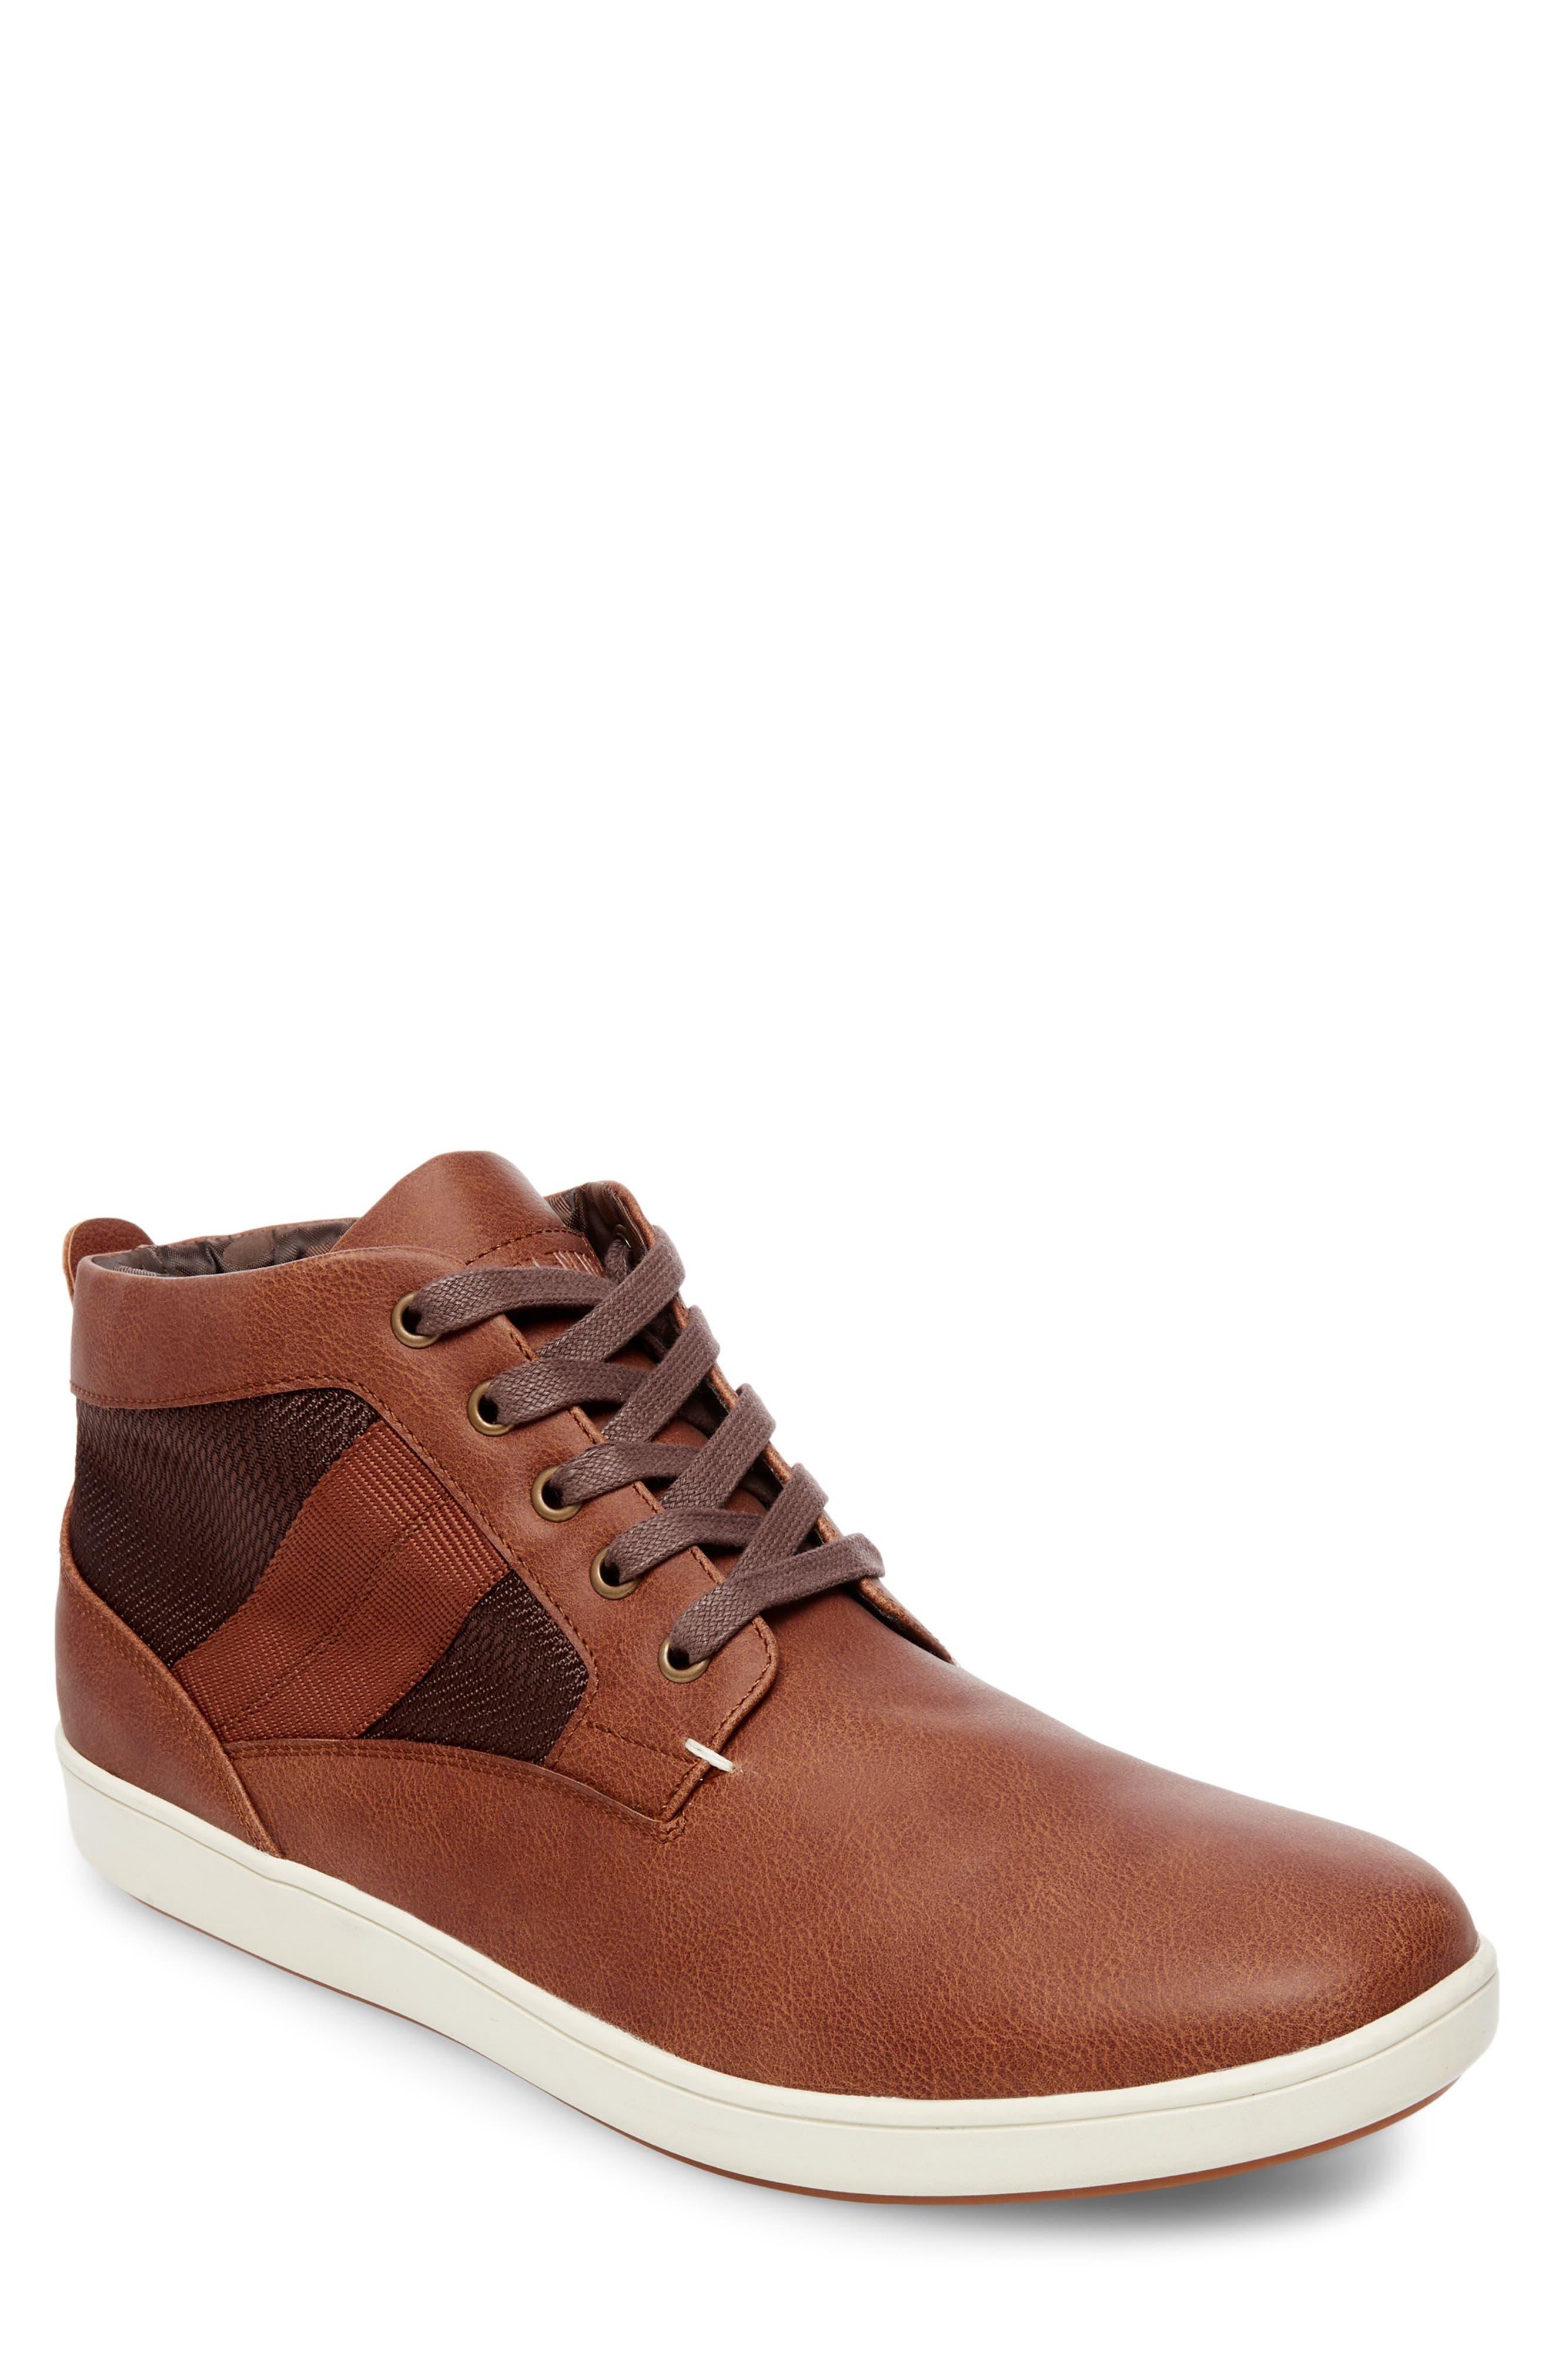 Frazier Sneaker Boot,                             Main thumbnail 1, color,                             Cognac